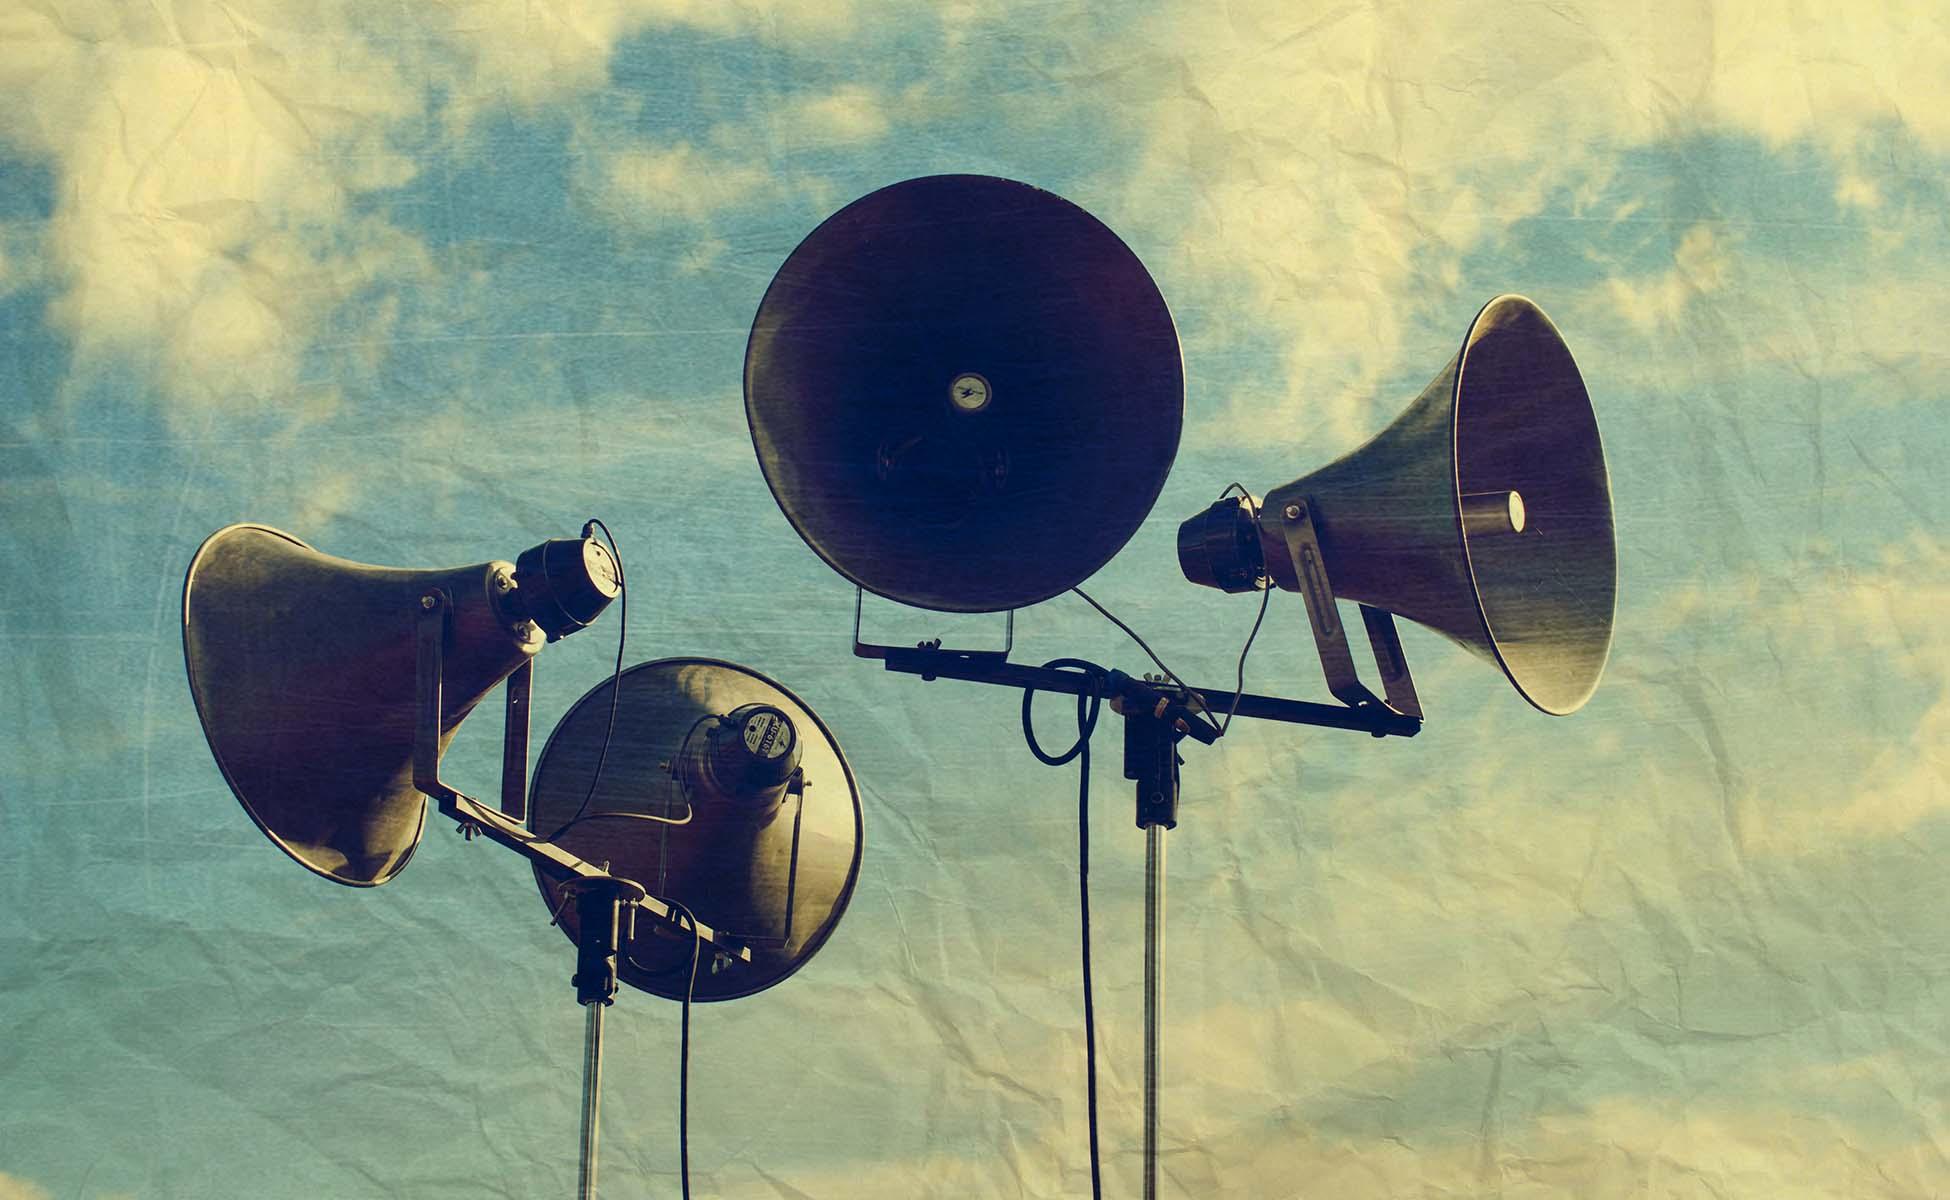 gammeldags højtalere under åben himmel